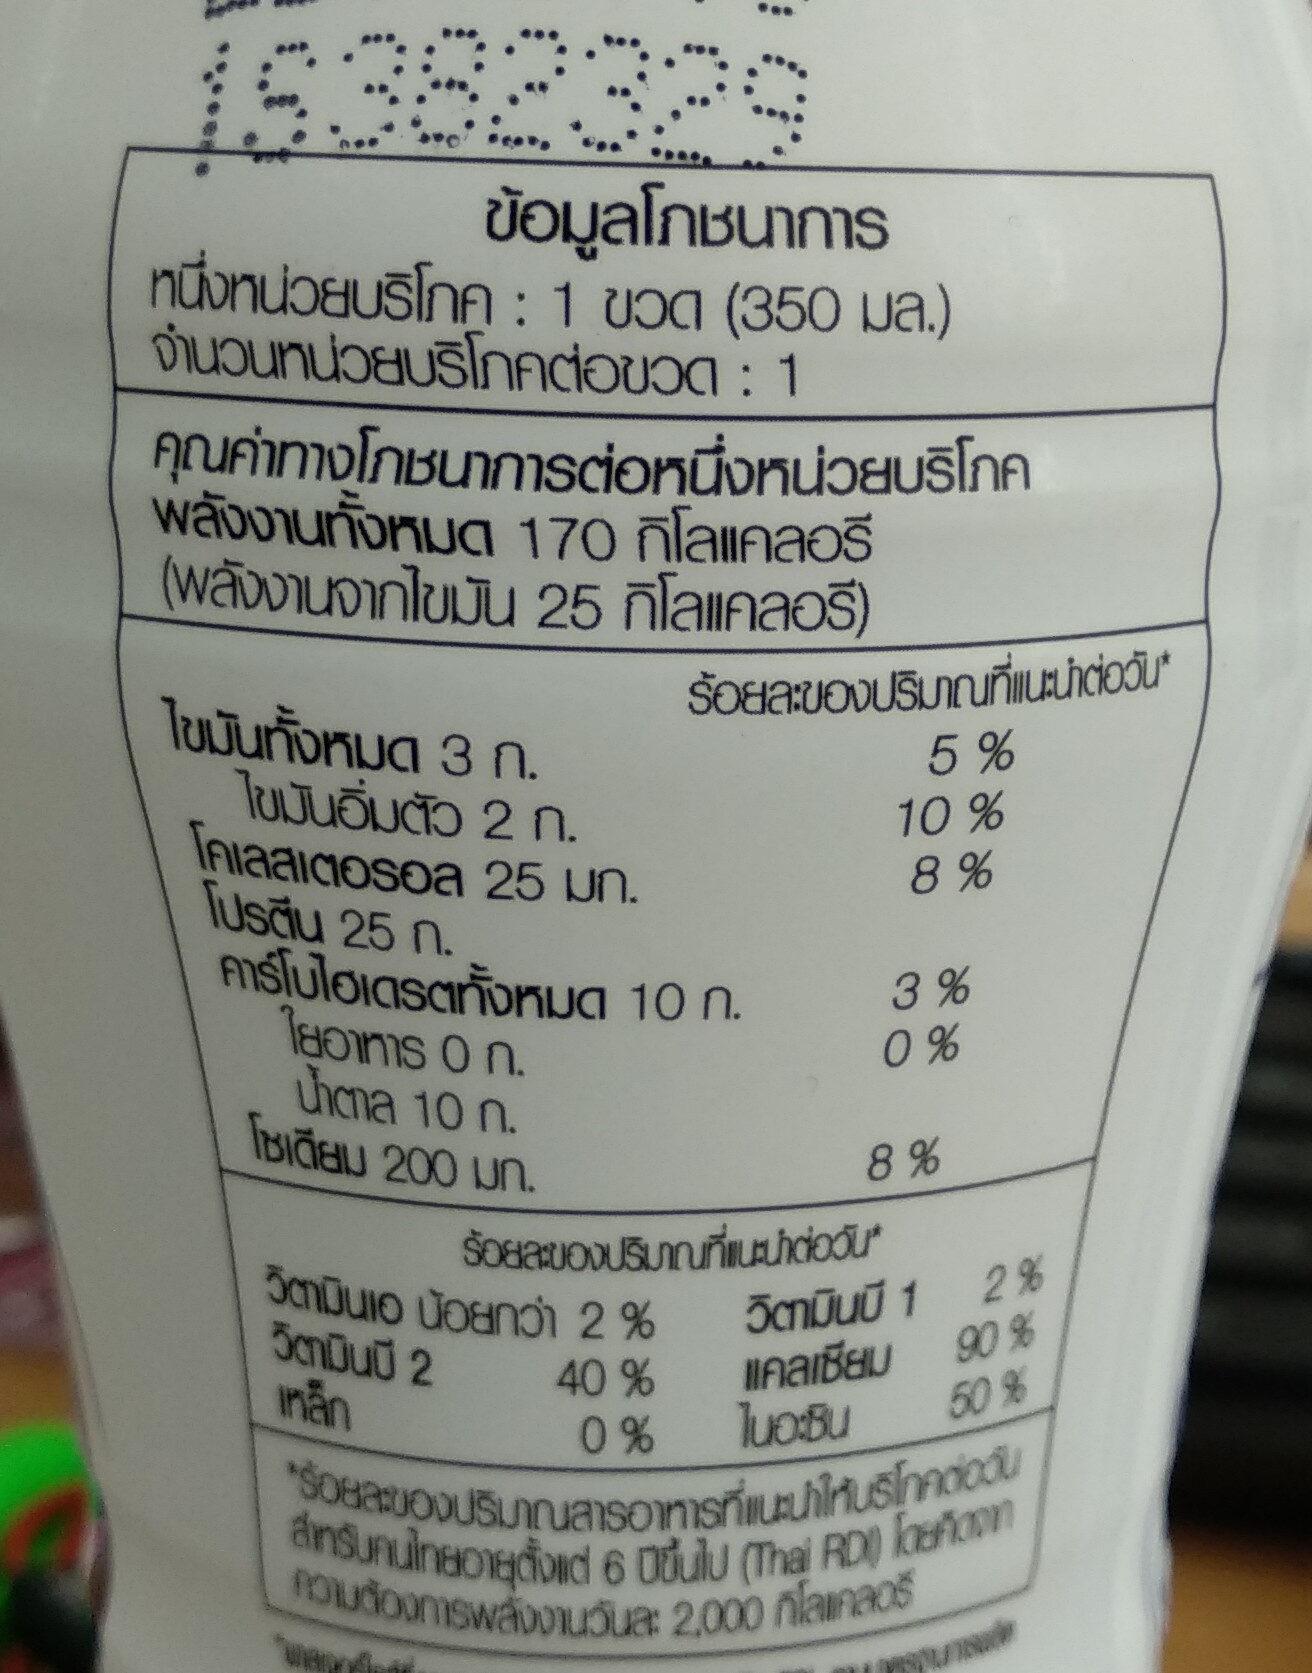 เมจิไฮโปรตีน สูตรไม่เติมน้ำตาล - Voedingswaarden - th